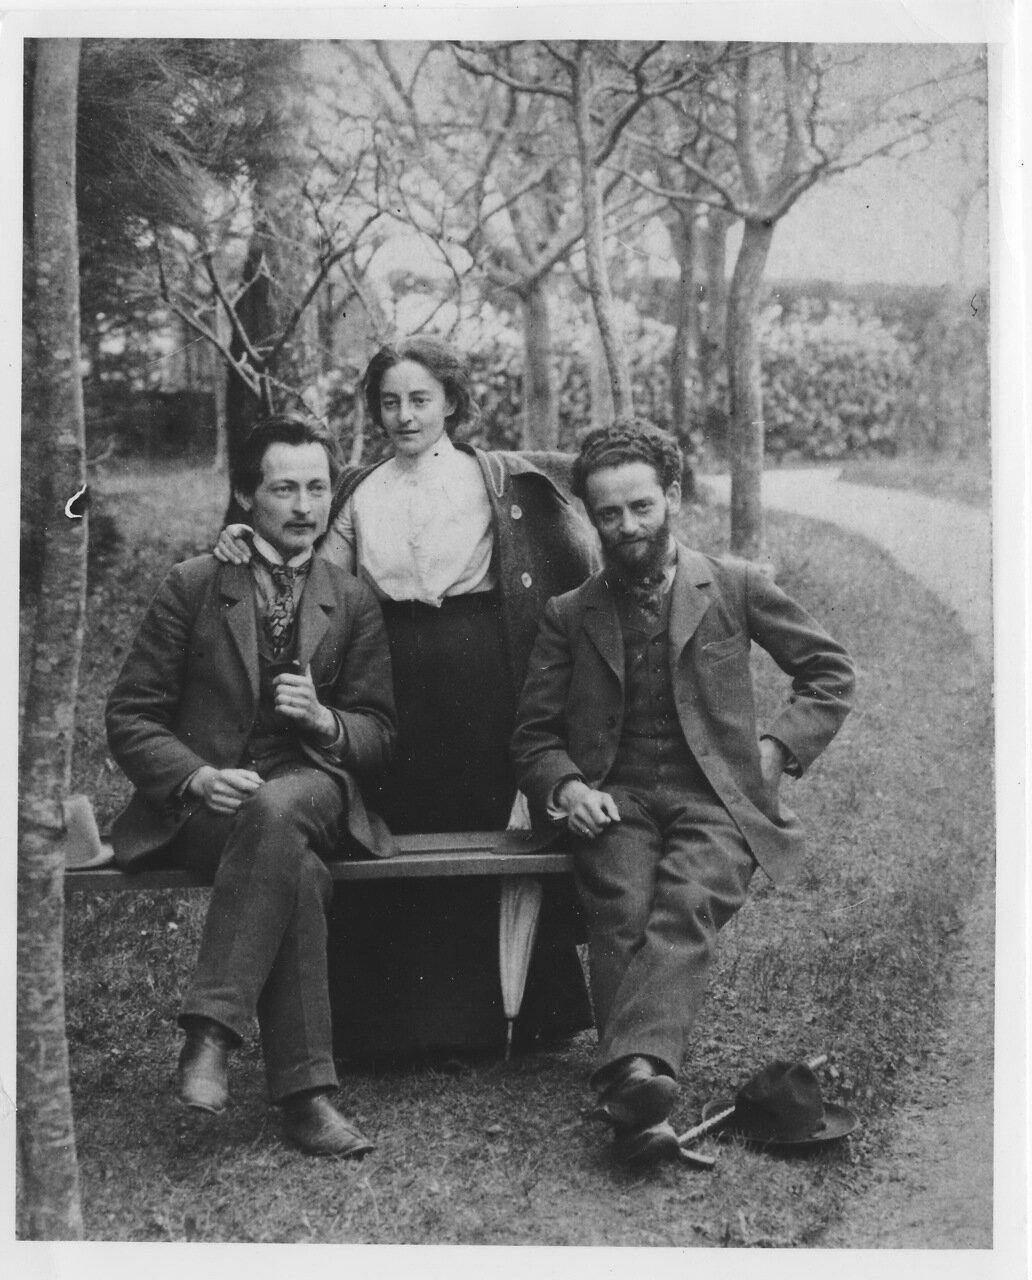 Феликс Дзержинский, Юля Гольдман и Михаил Гольдман. Швейцария. 1904.